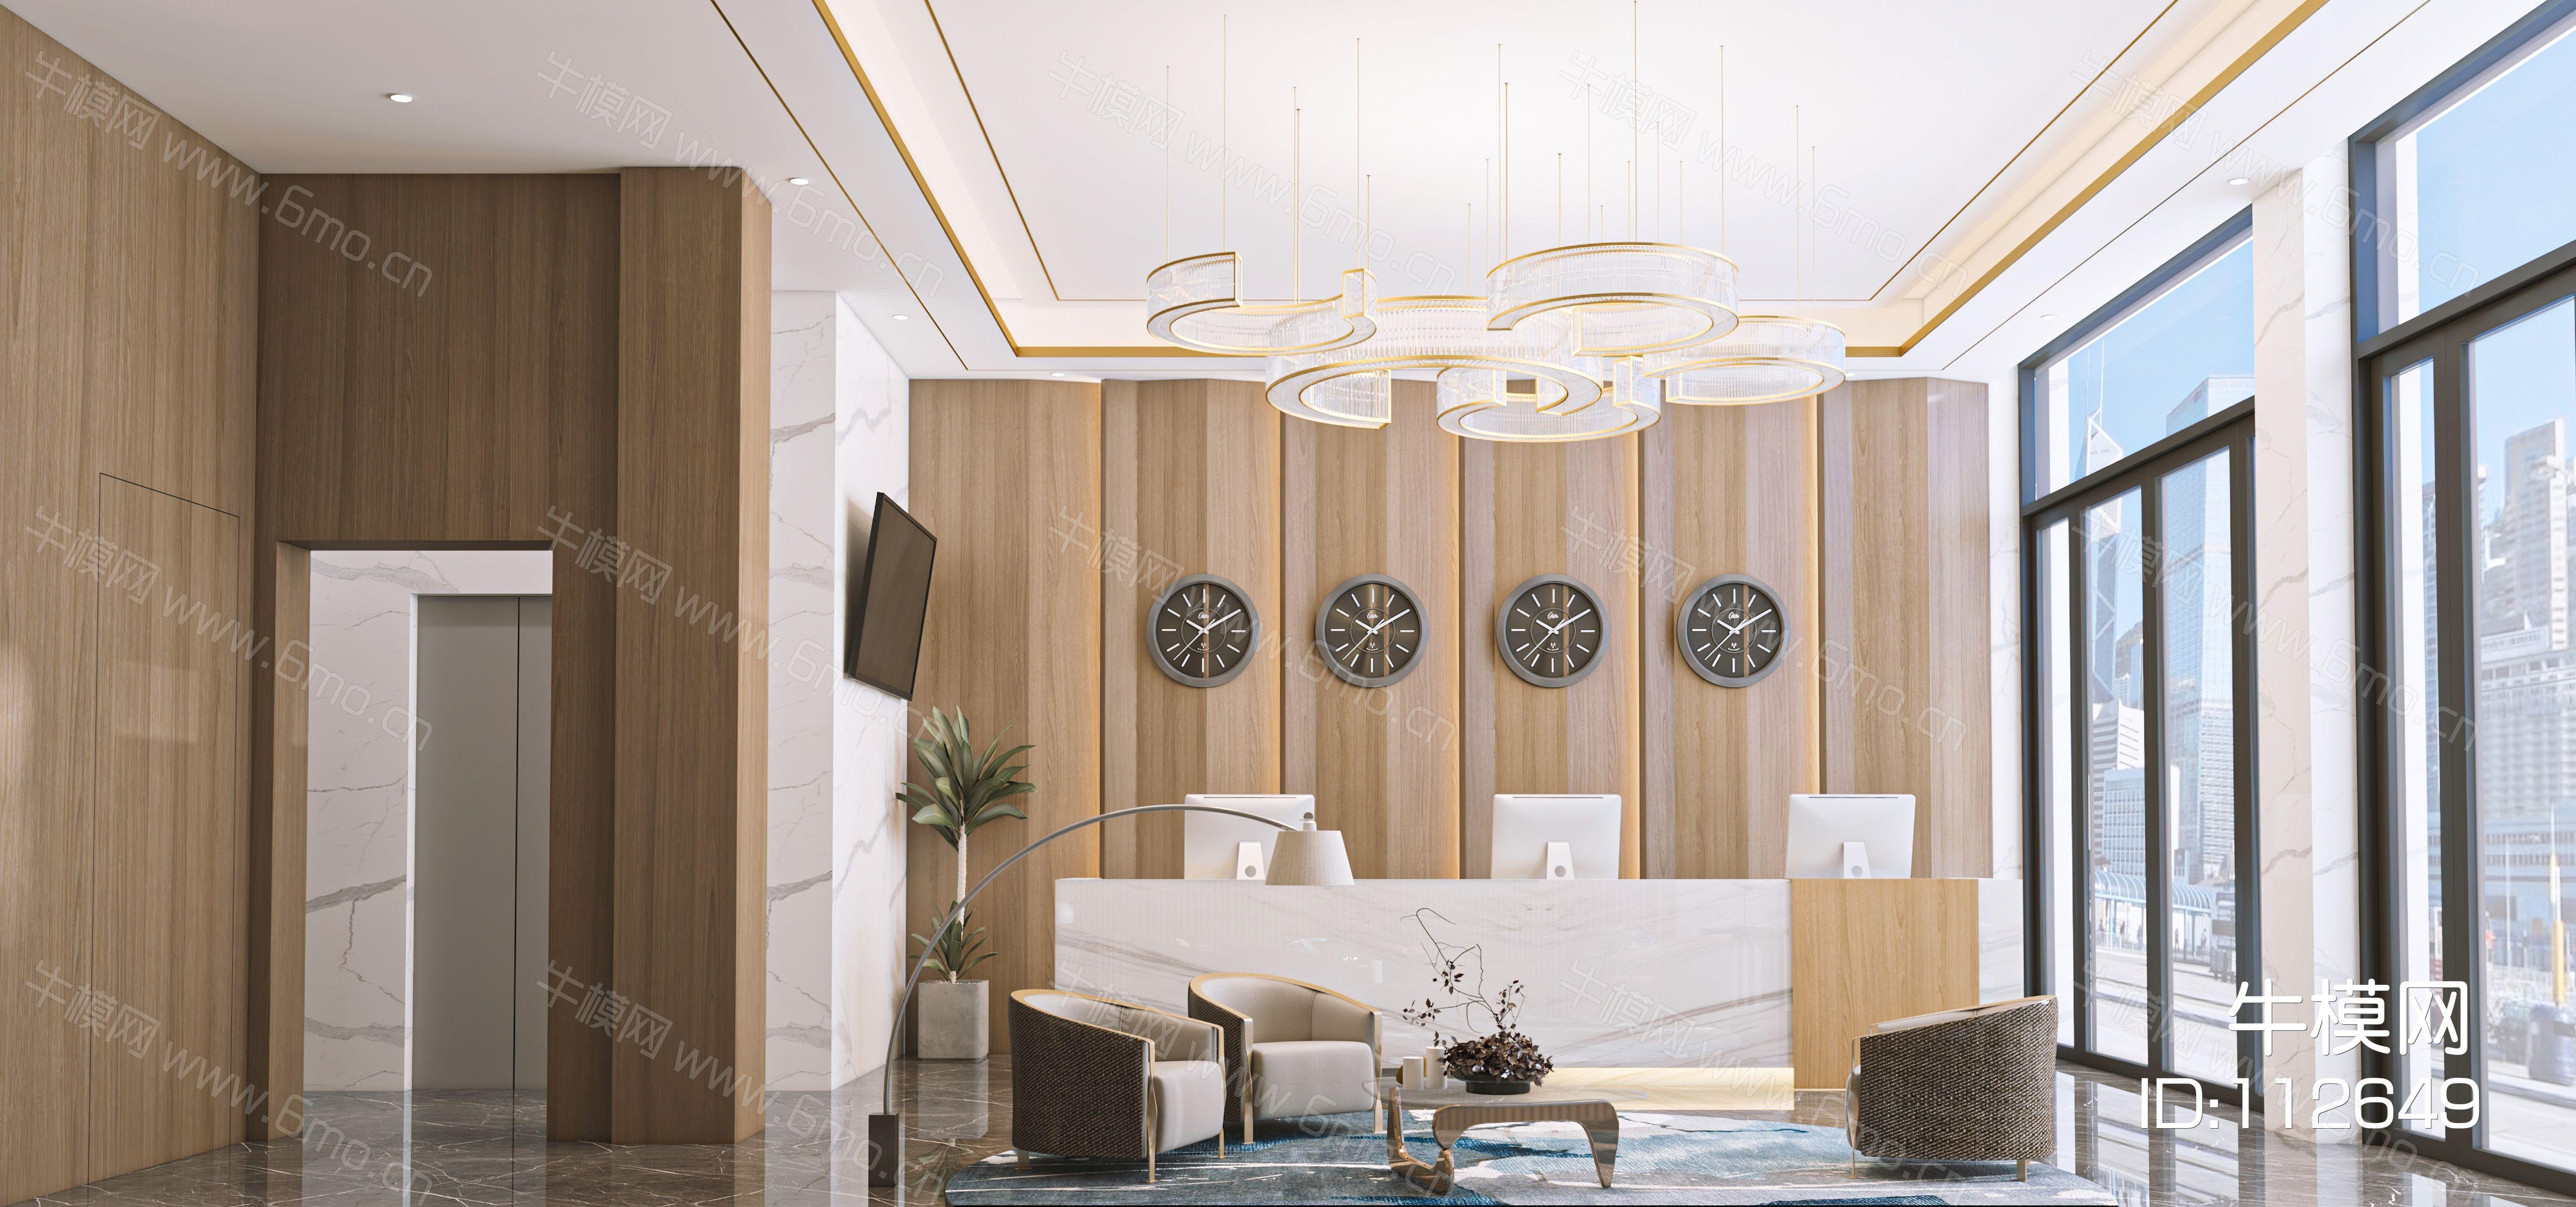 现代酒店大堂前台3d模型